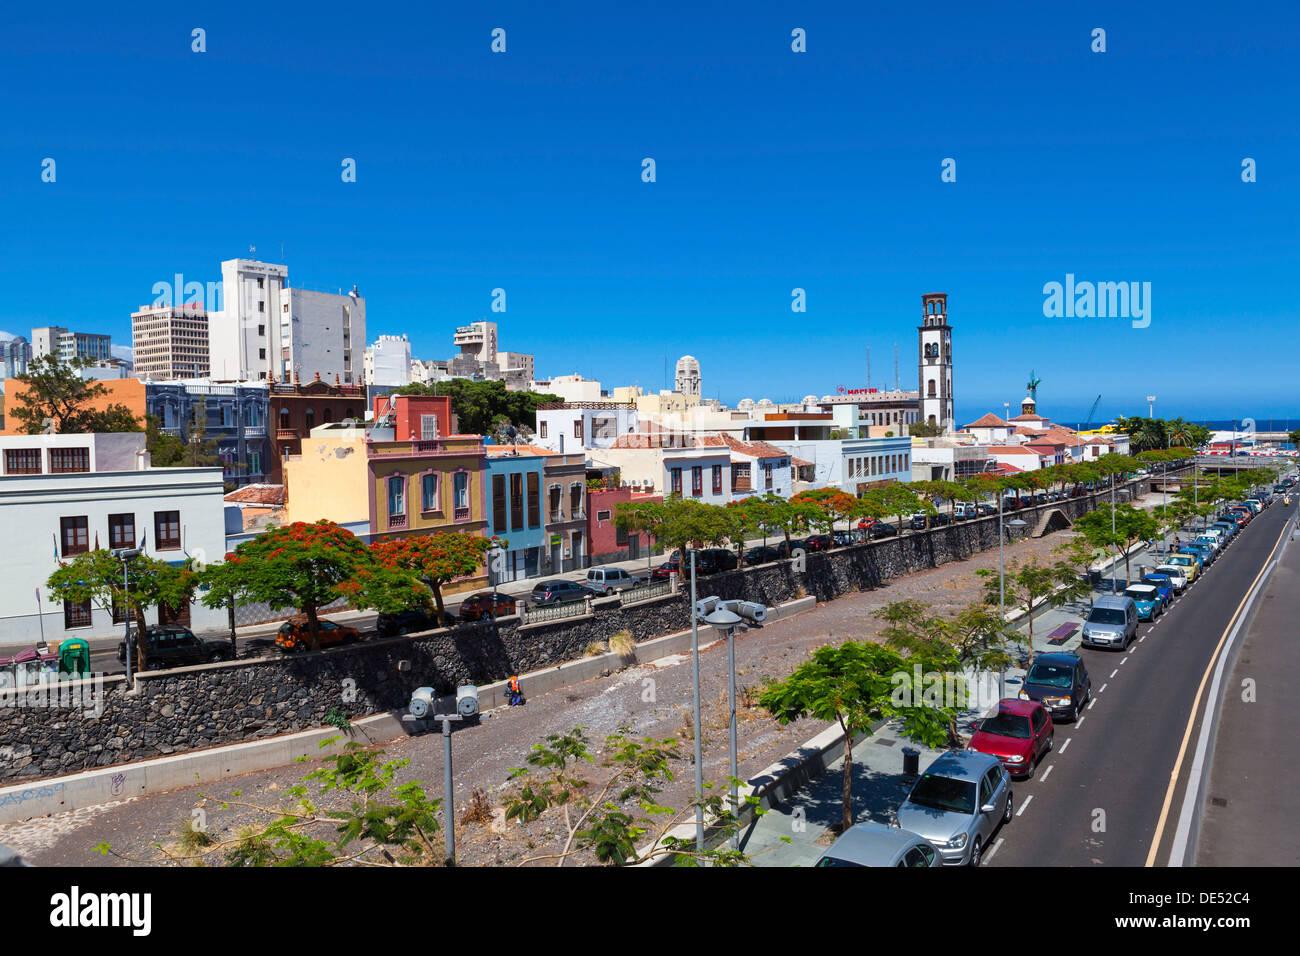 Capital of Santa Cruz de Tenerife with the Barranco de Santos and steeple of the Nuestra Señora de la Concepcion church Stock Photo